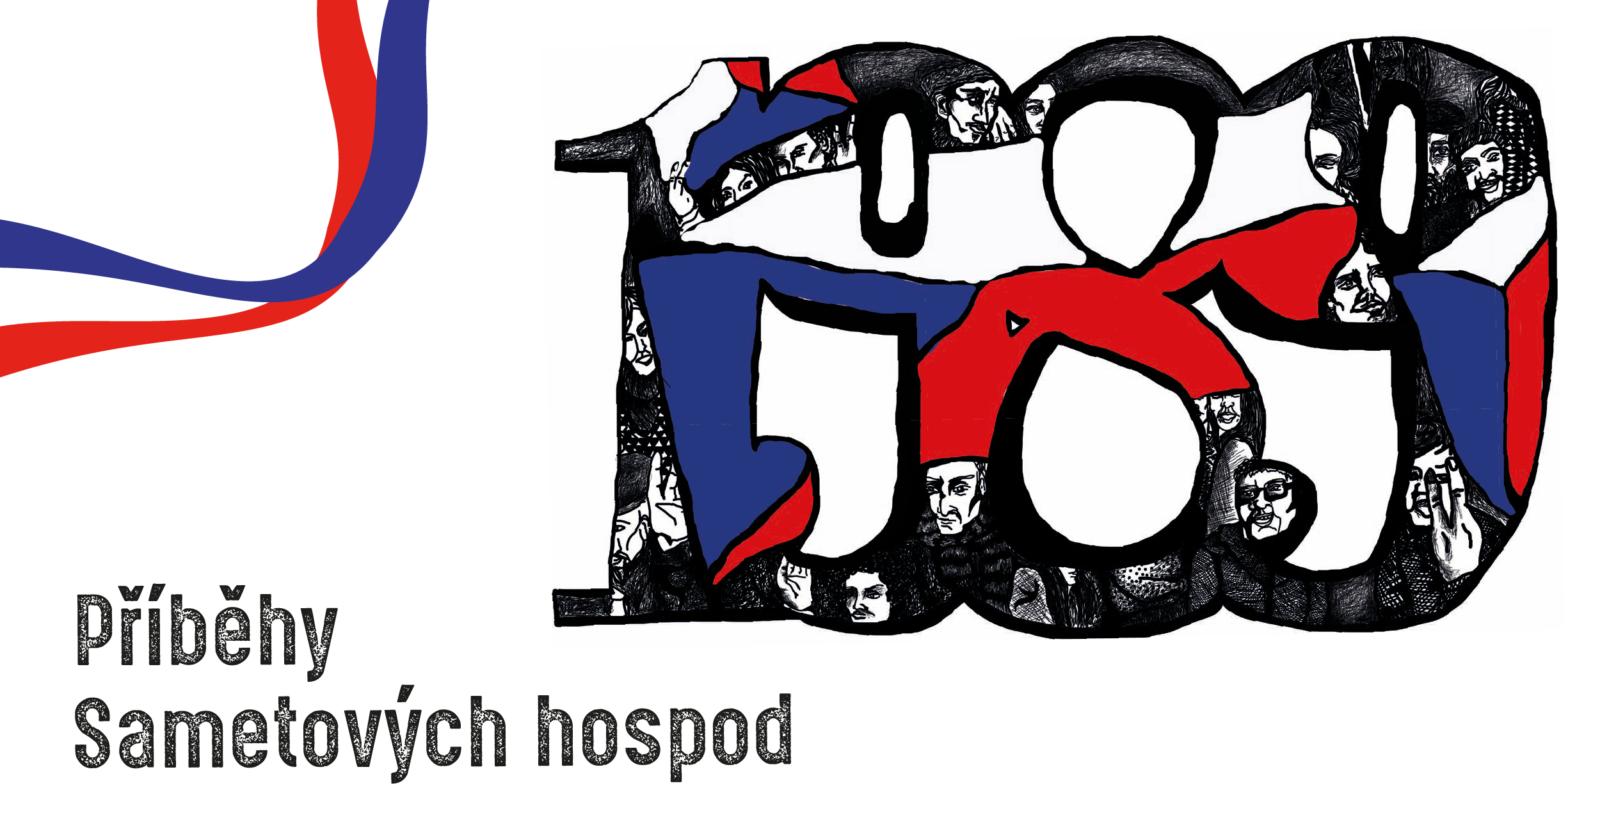 pivovari-pivovary-novinky-plzensky-prazdroj-sbira-pribehy-hospod-z-roku-1989-02